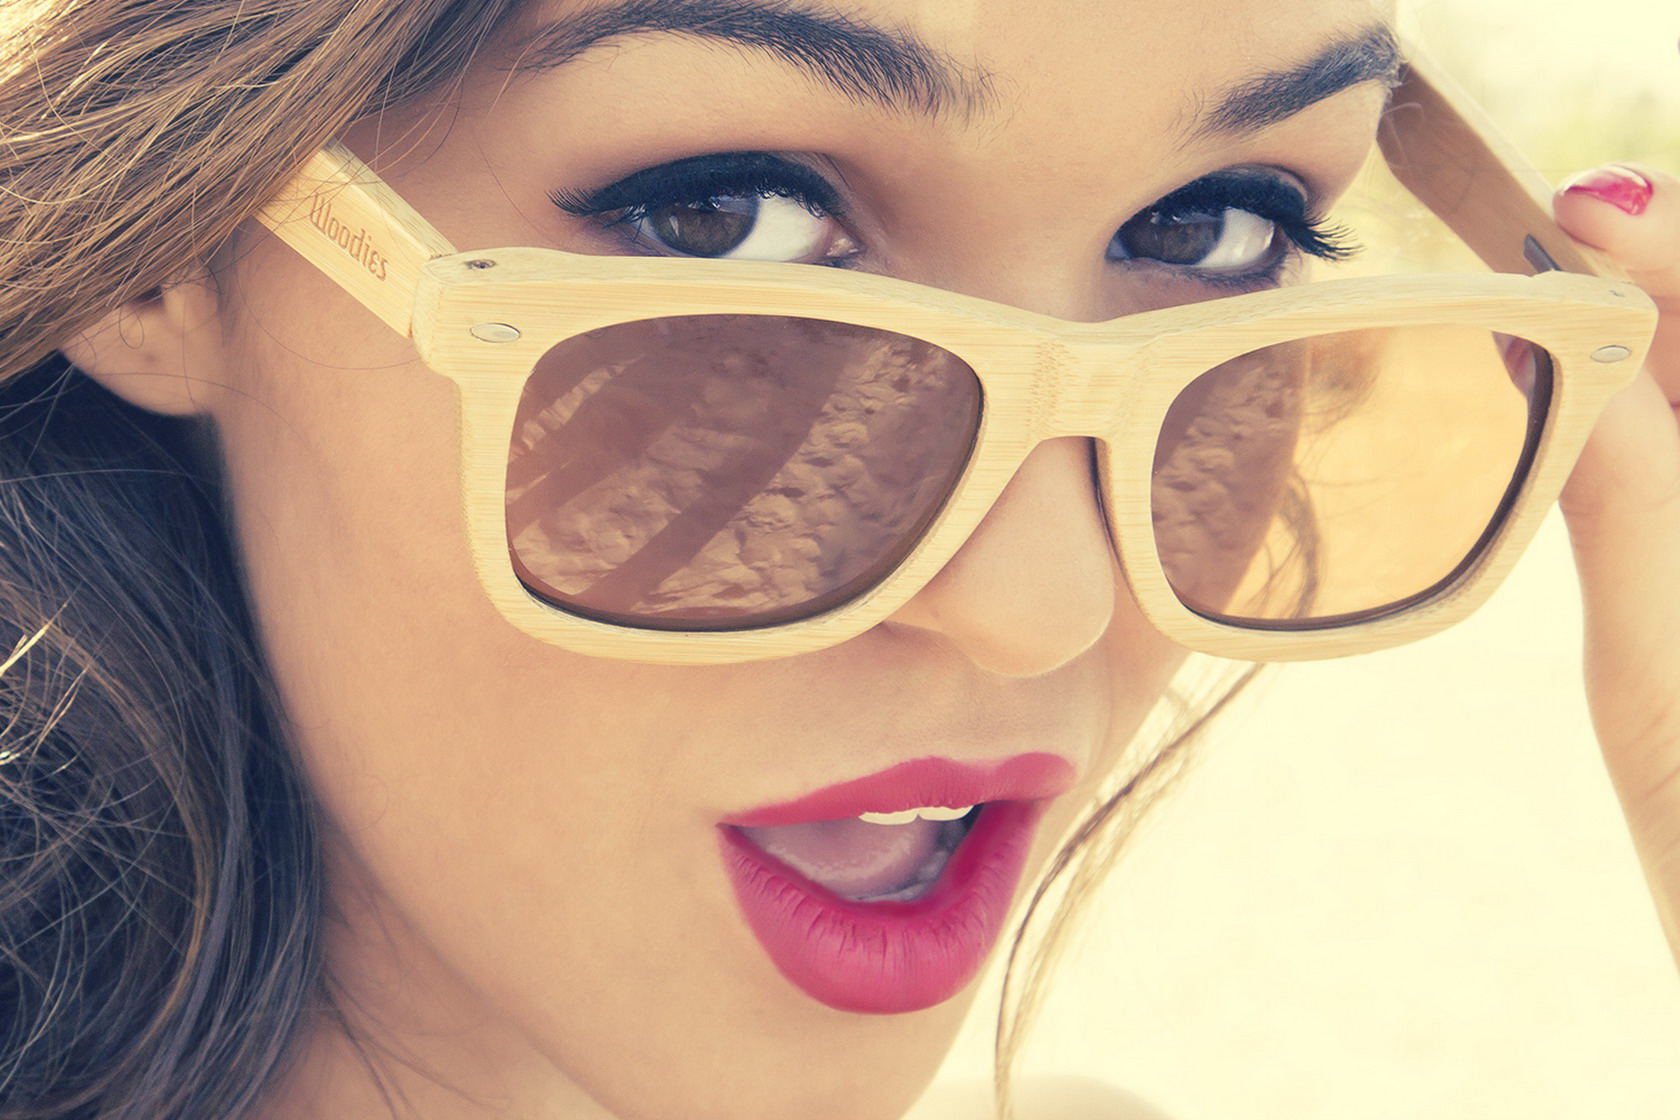 Солнечные очки и просто очки